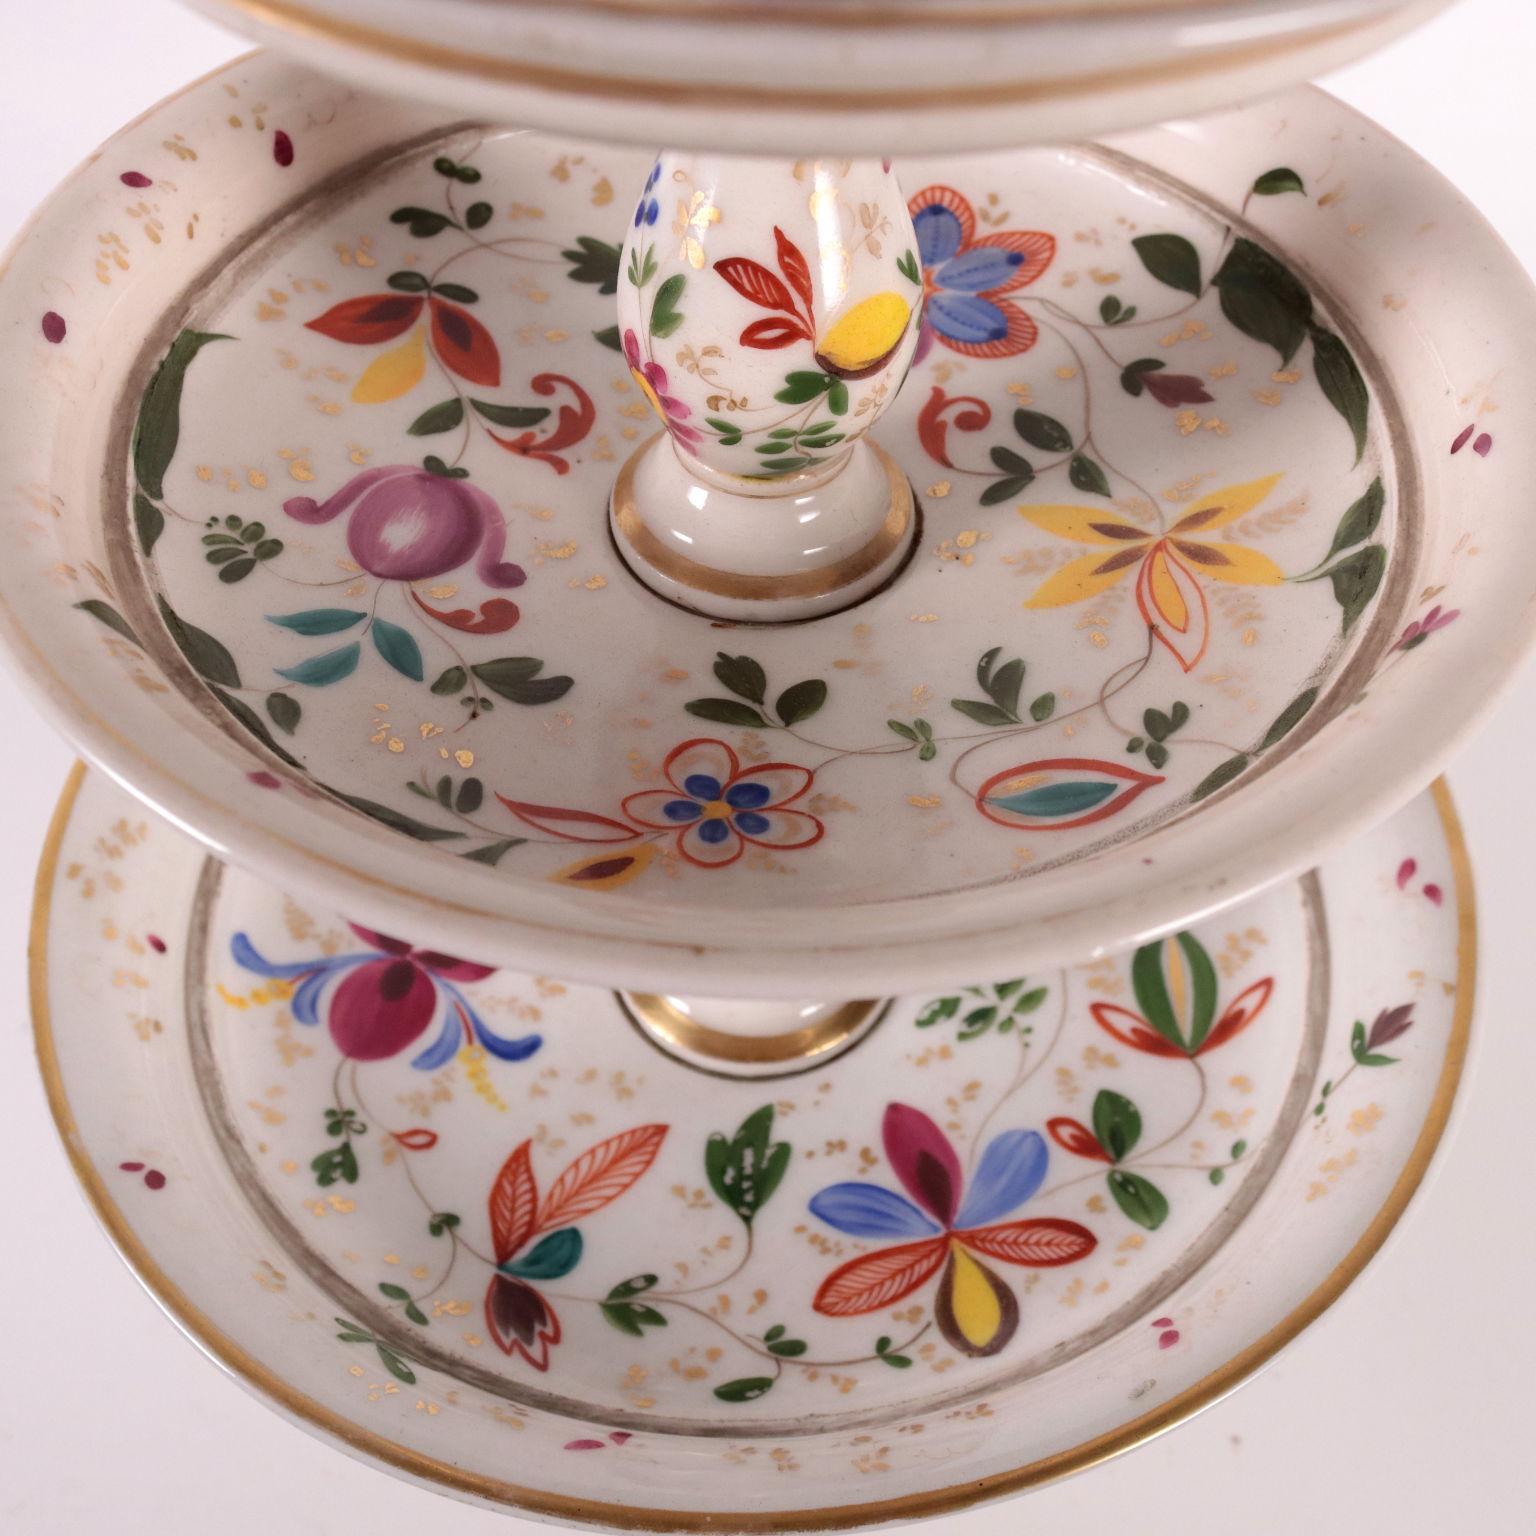 Coppia di Alzatine - Ceramiche - Antiquariato ...